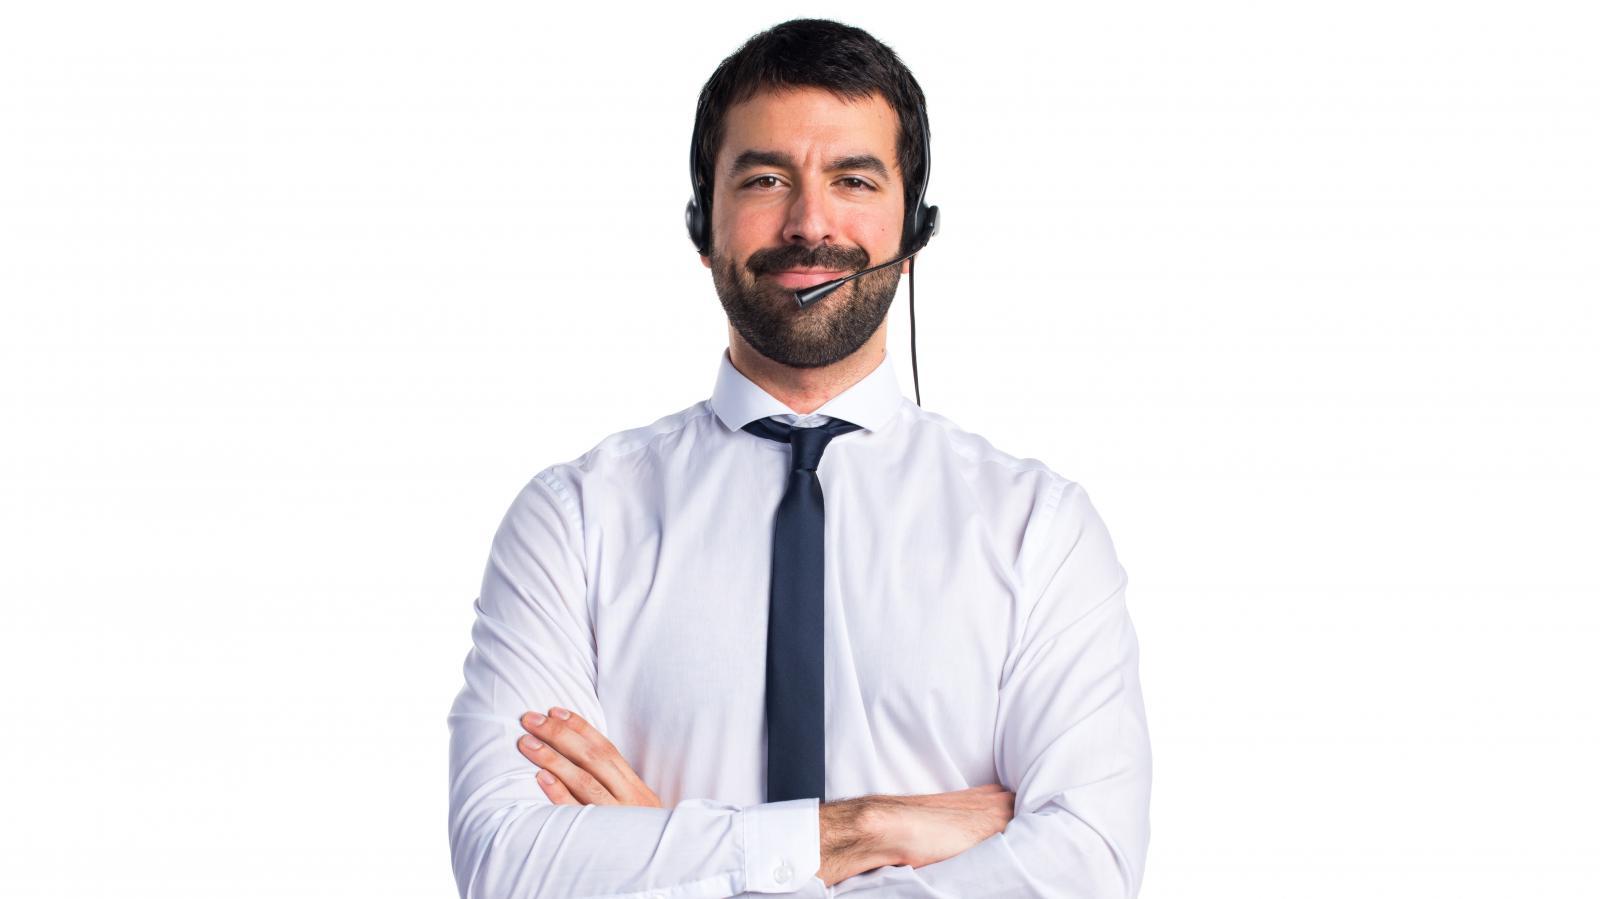 Operador de cobrança obtém reconhecimento de vínculo direto com banco